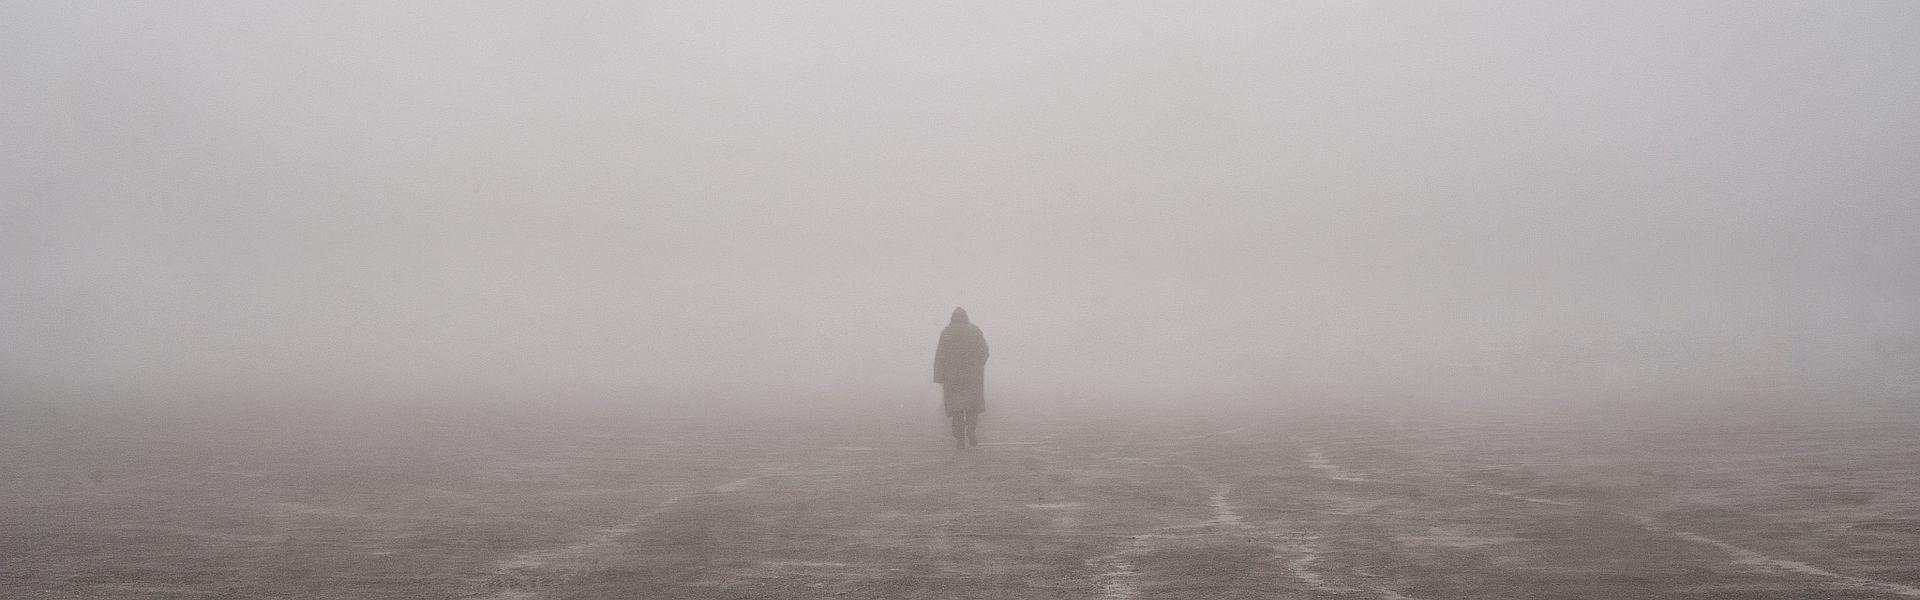 Fog door Jonathan Kos-Read bij het versje 'leegte' van Paul Schrijft